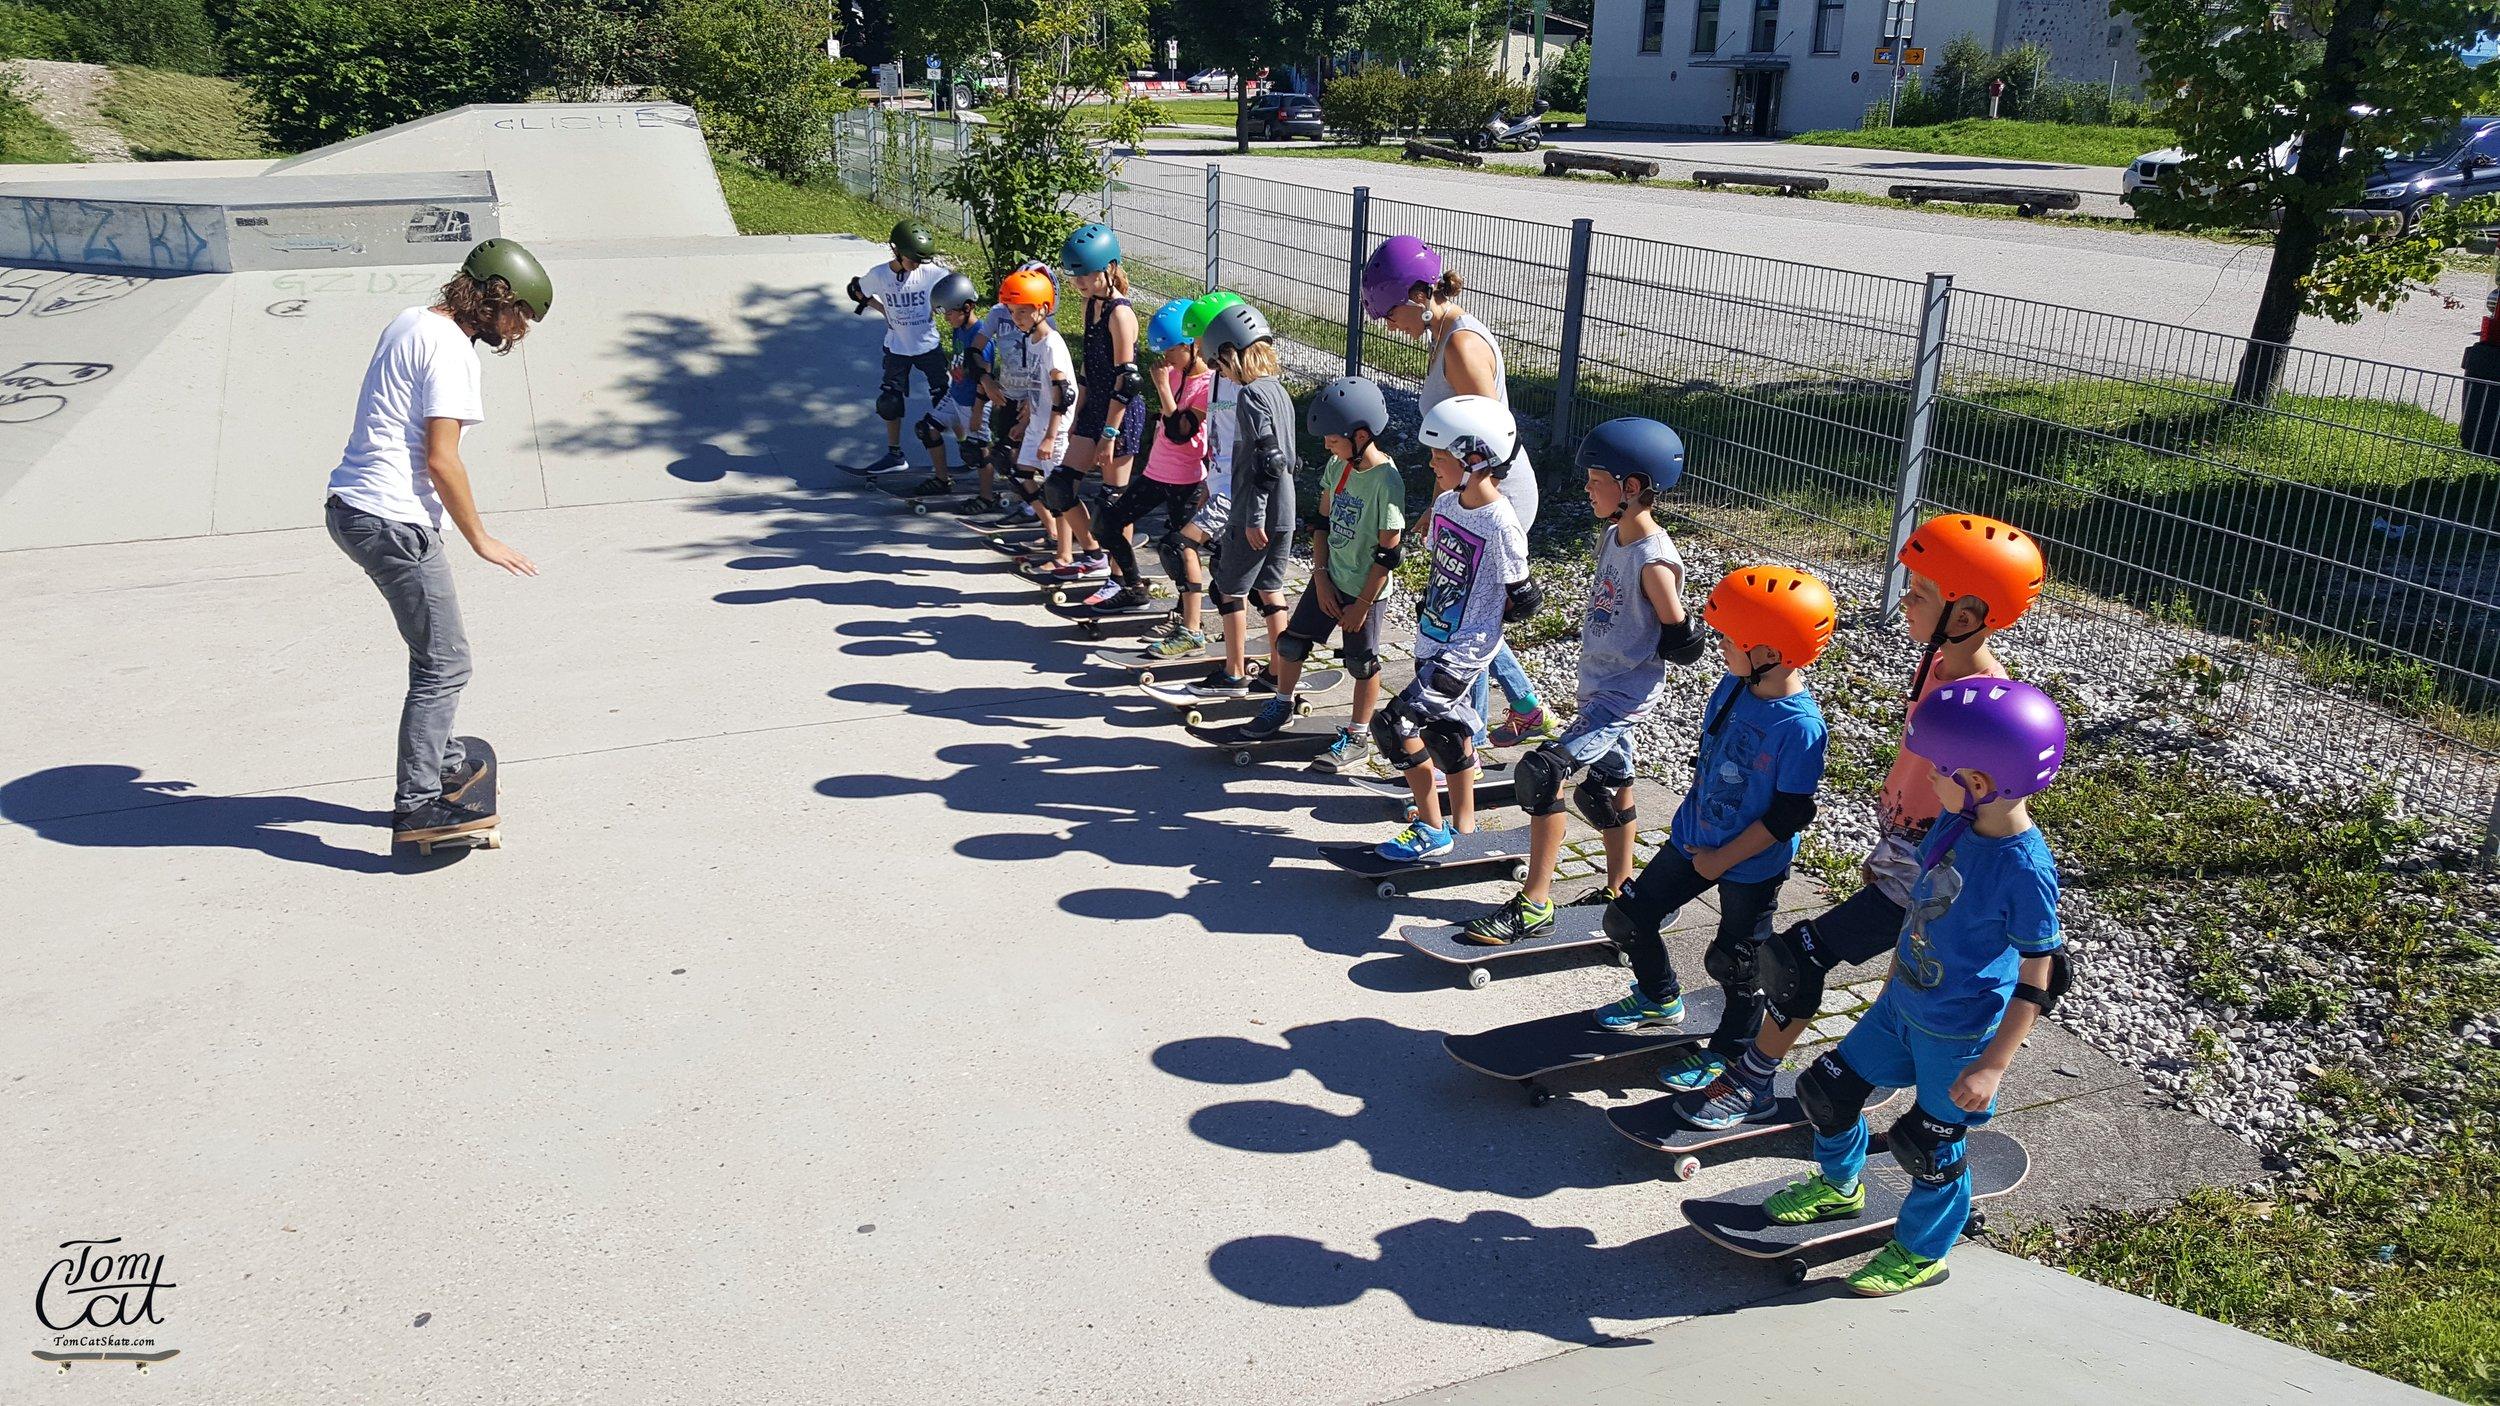 Skatekurs München Skate München Skatepark Skateboarding München Skate Profi München Bad Tölz Deutschland Skateboarding Germany 4.jpg